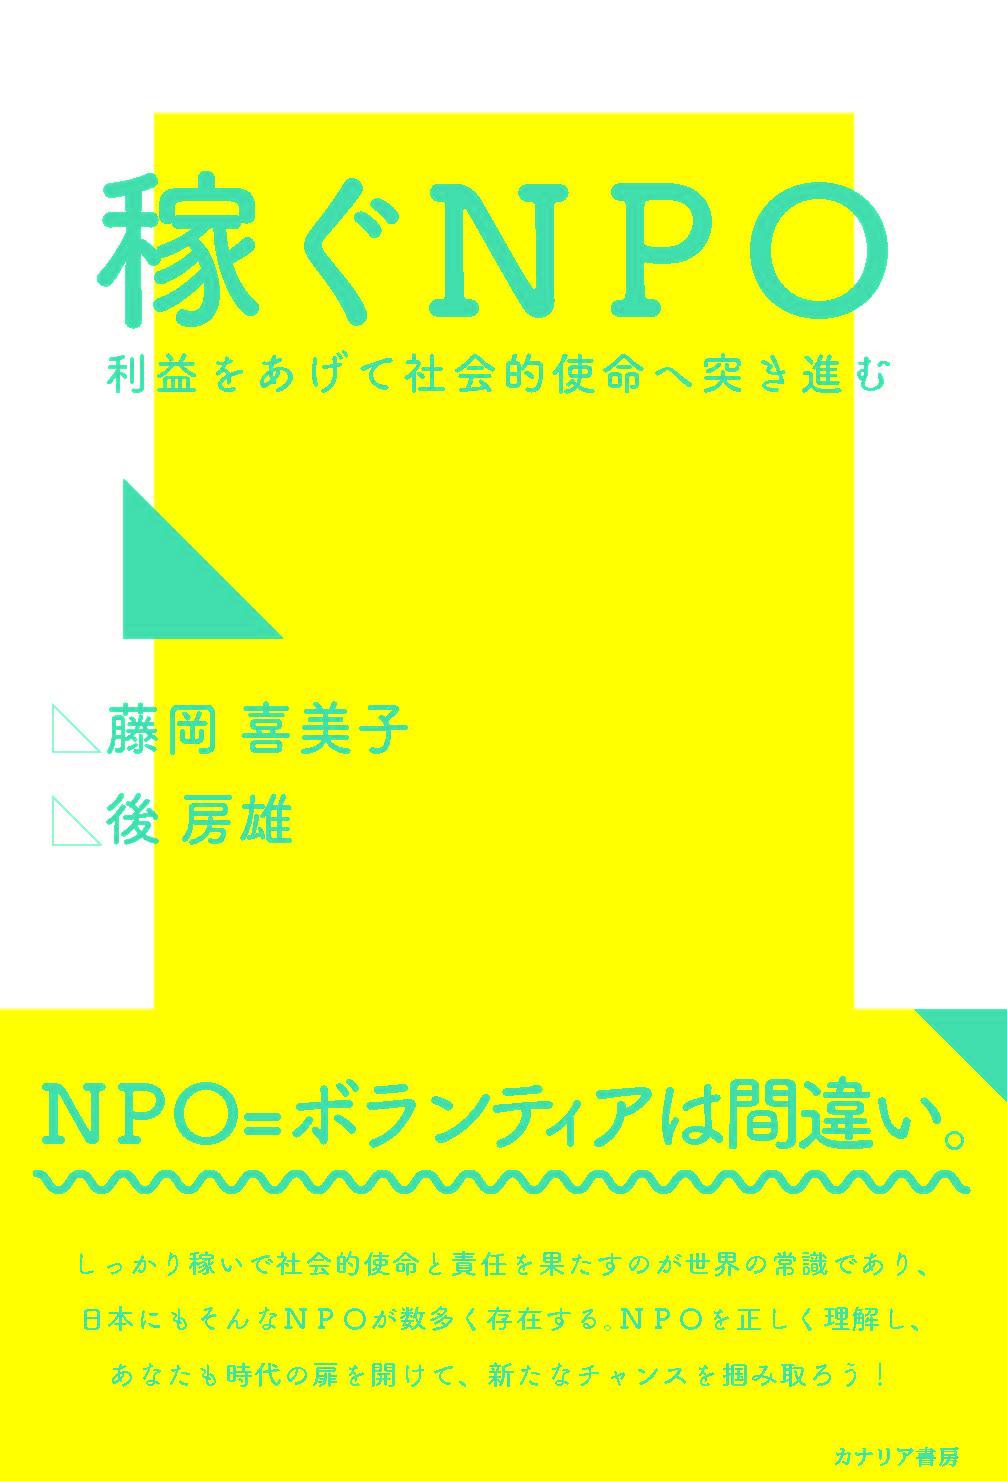 『稼ぐNPO』表紙データ